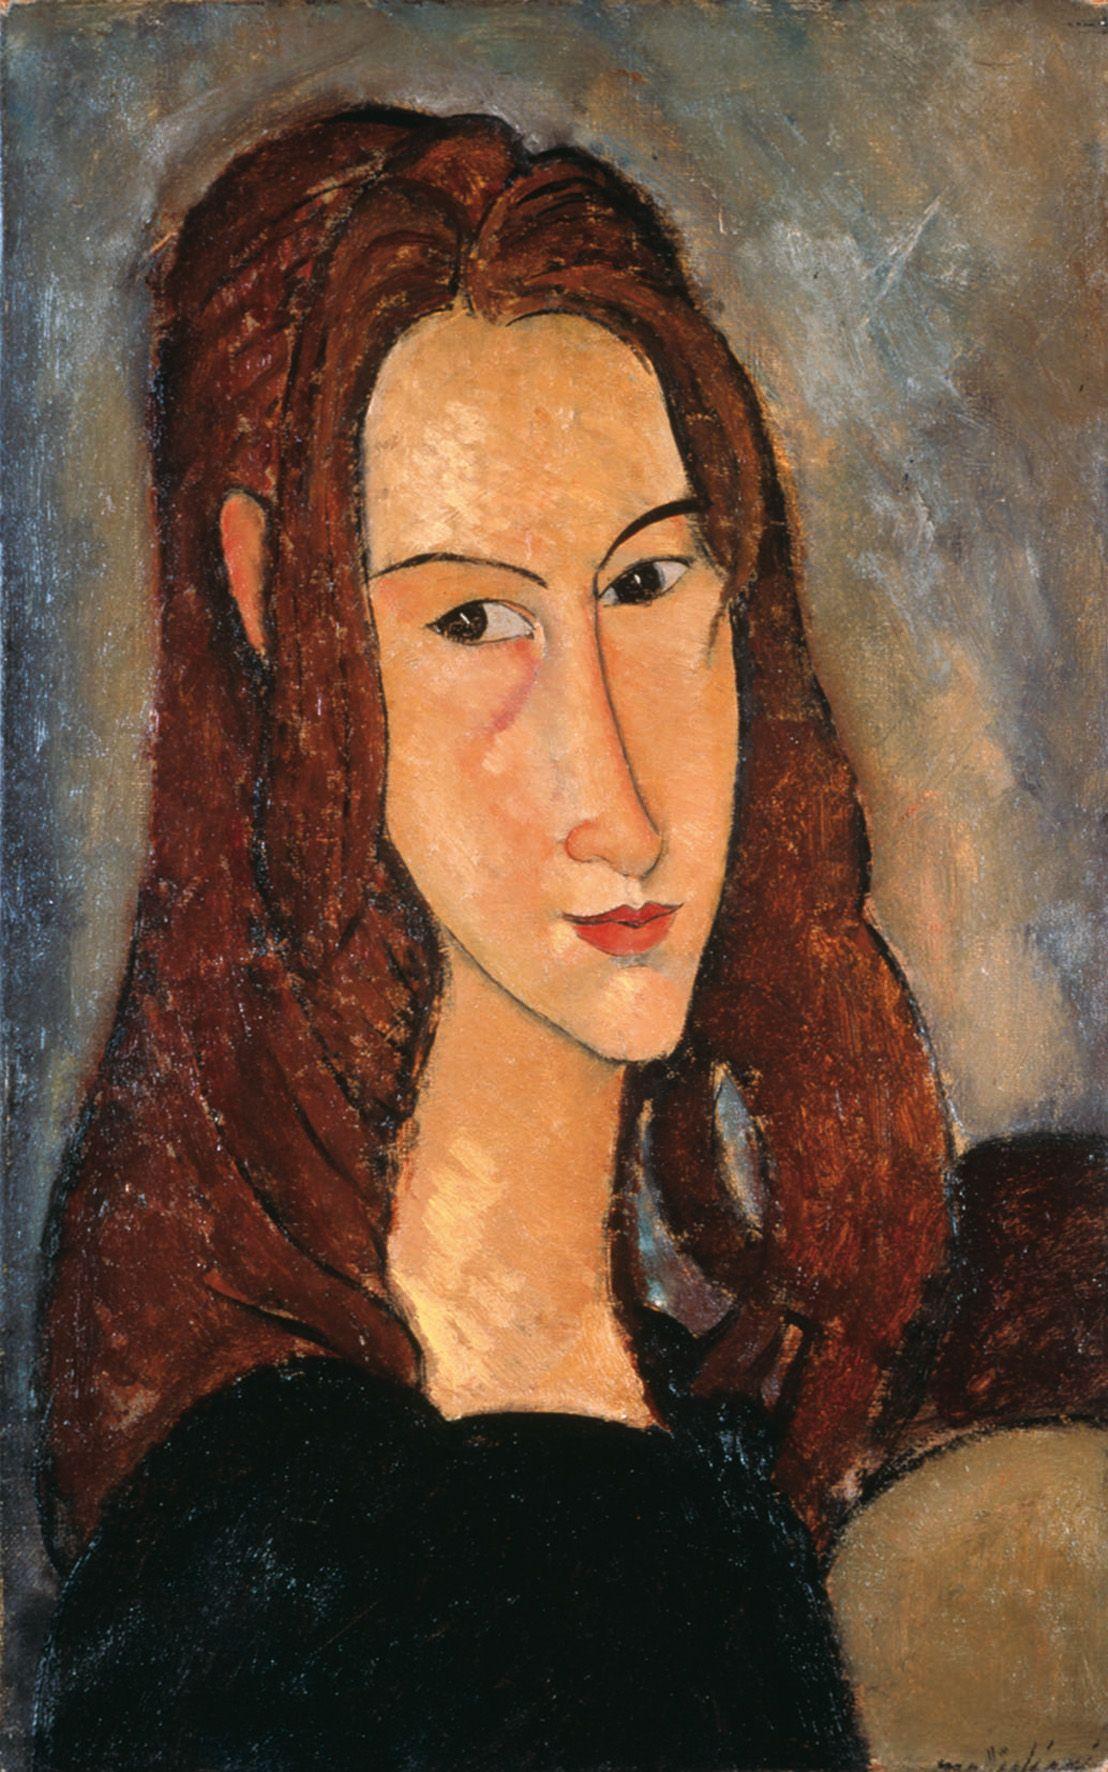 arte mostre d'arte italia, arte contemporanea arte moderna arte roma  pittura bologna firenze milano galleria d'a… | Modigliani art, Modigliani  portraits, Modigliani